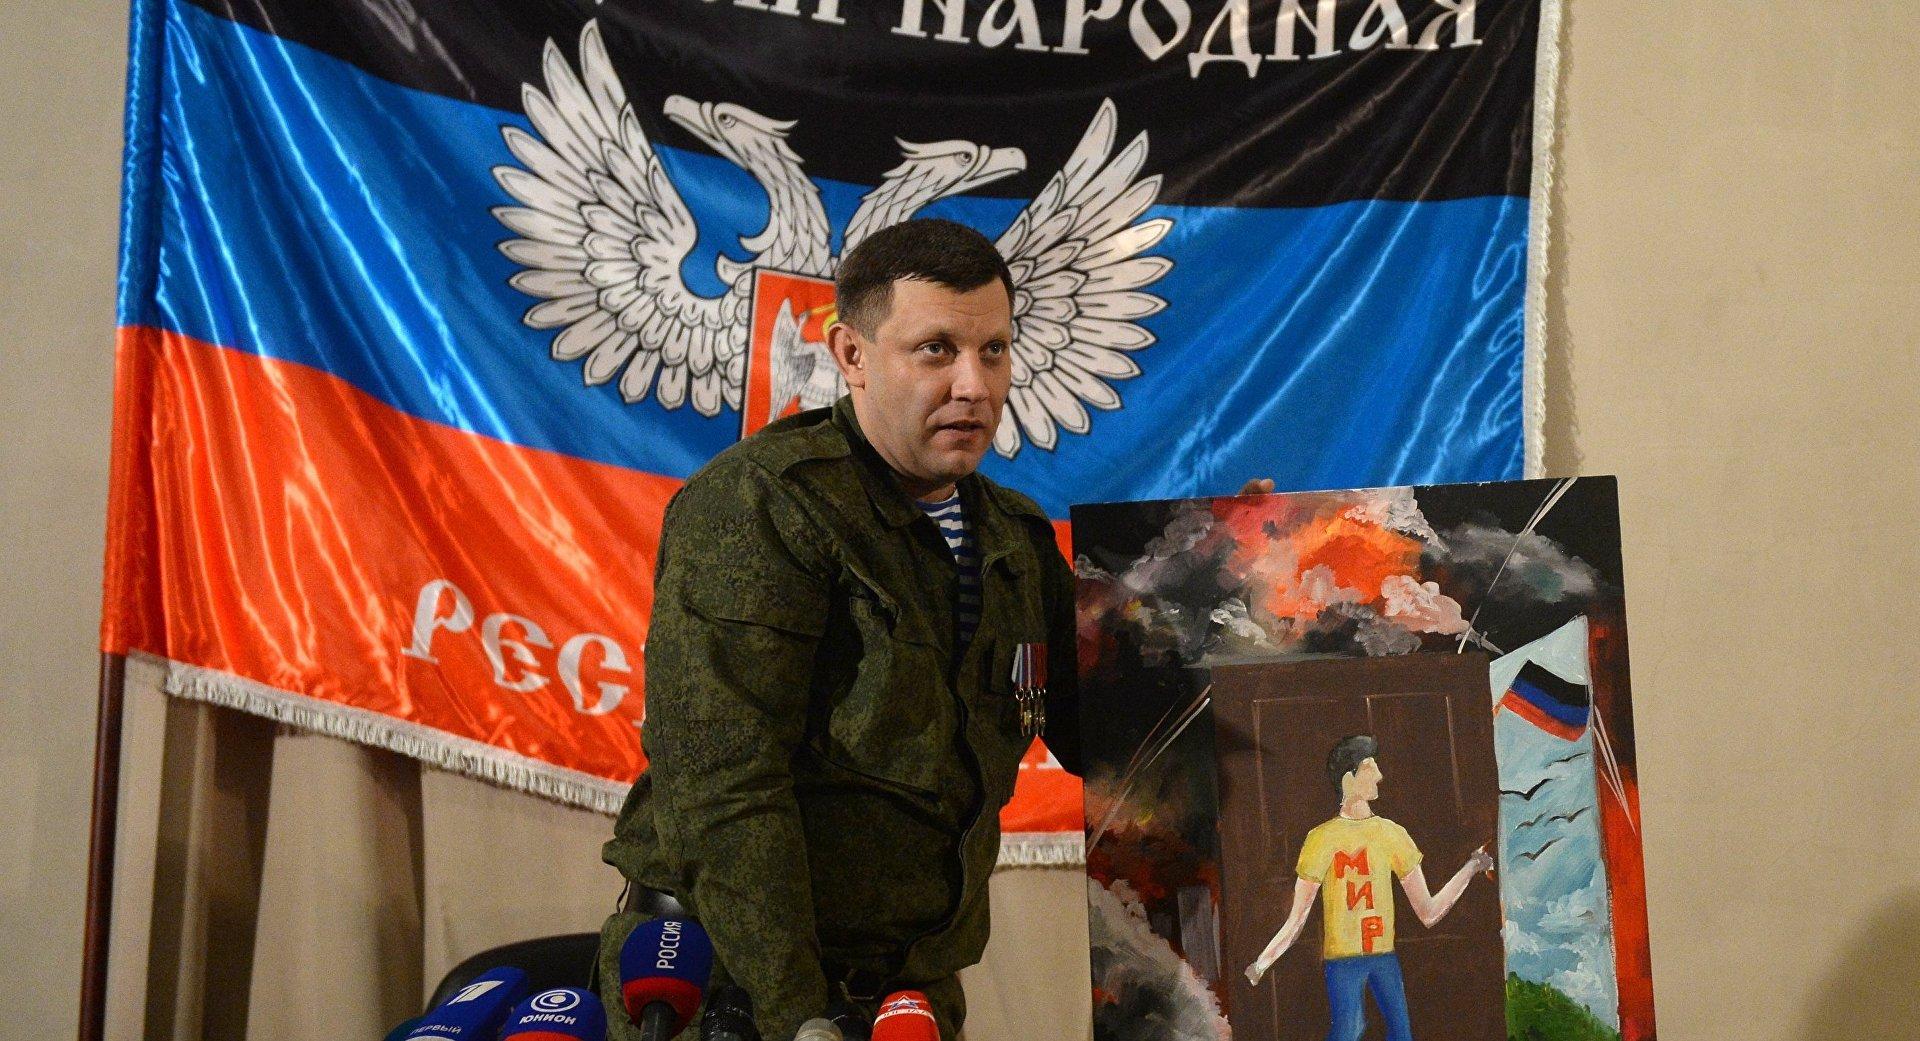 http://ukraina.ru/images/101288/80/1012888022.jpg